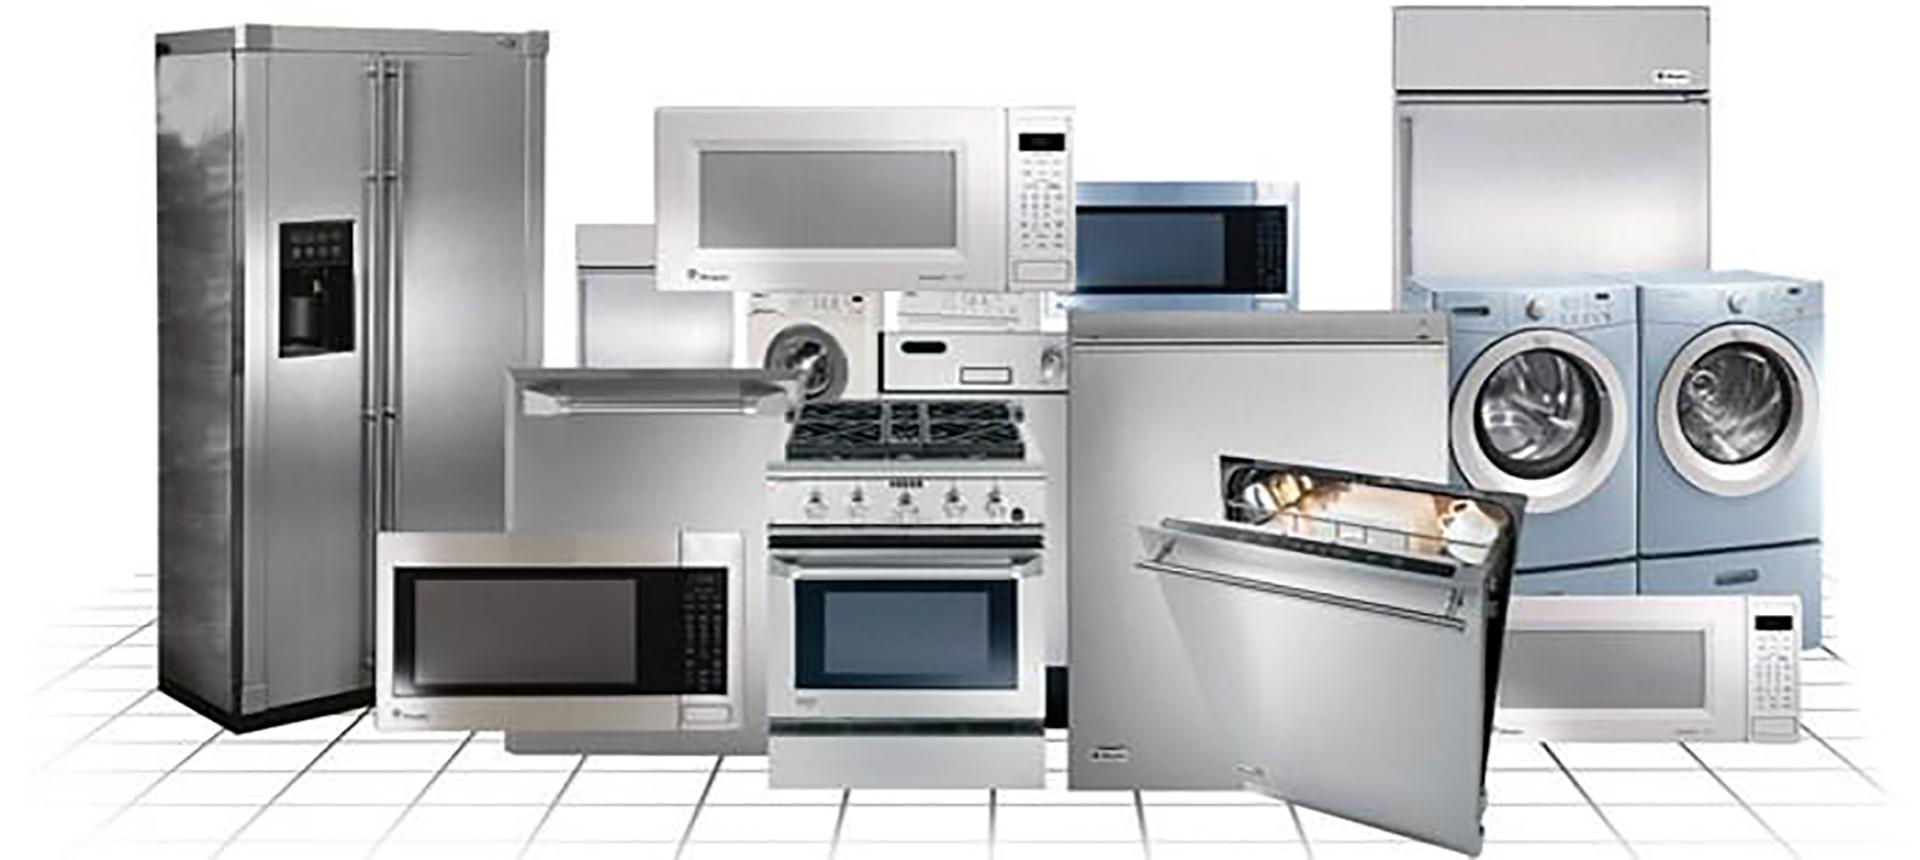 Výsledek obrázku pro sestavy kuchyňských spotřebičů